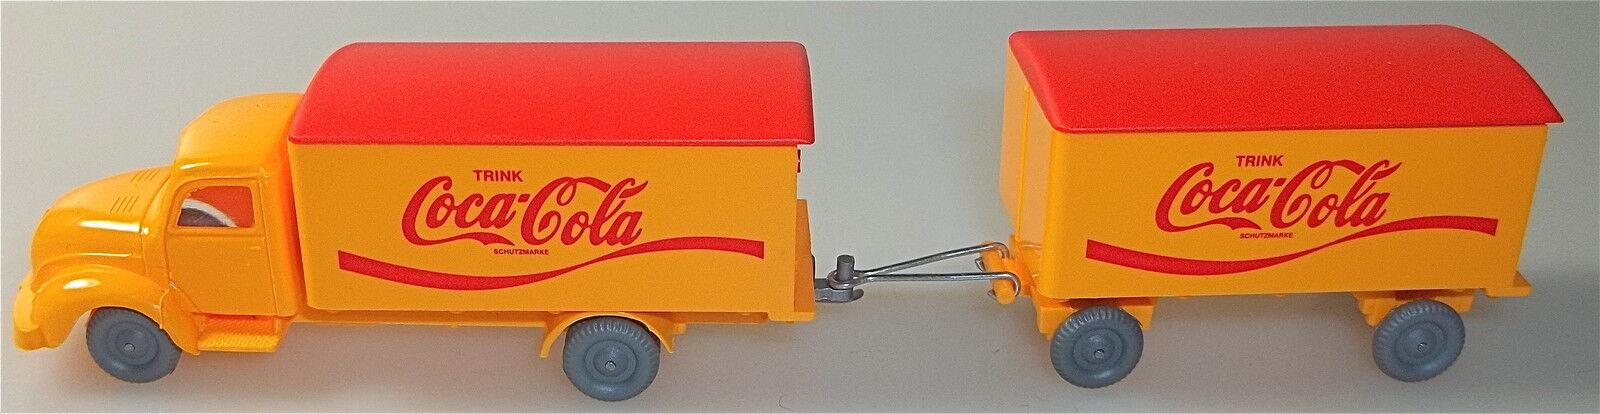 Coca - cola magirus runde haube lkw - Orange - roten imu h0 1   87   33   å